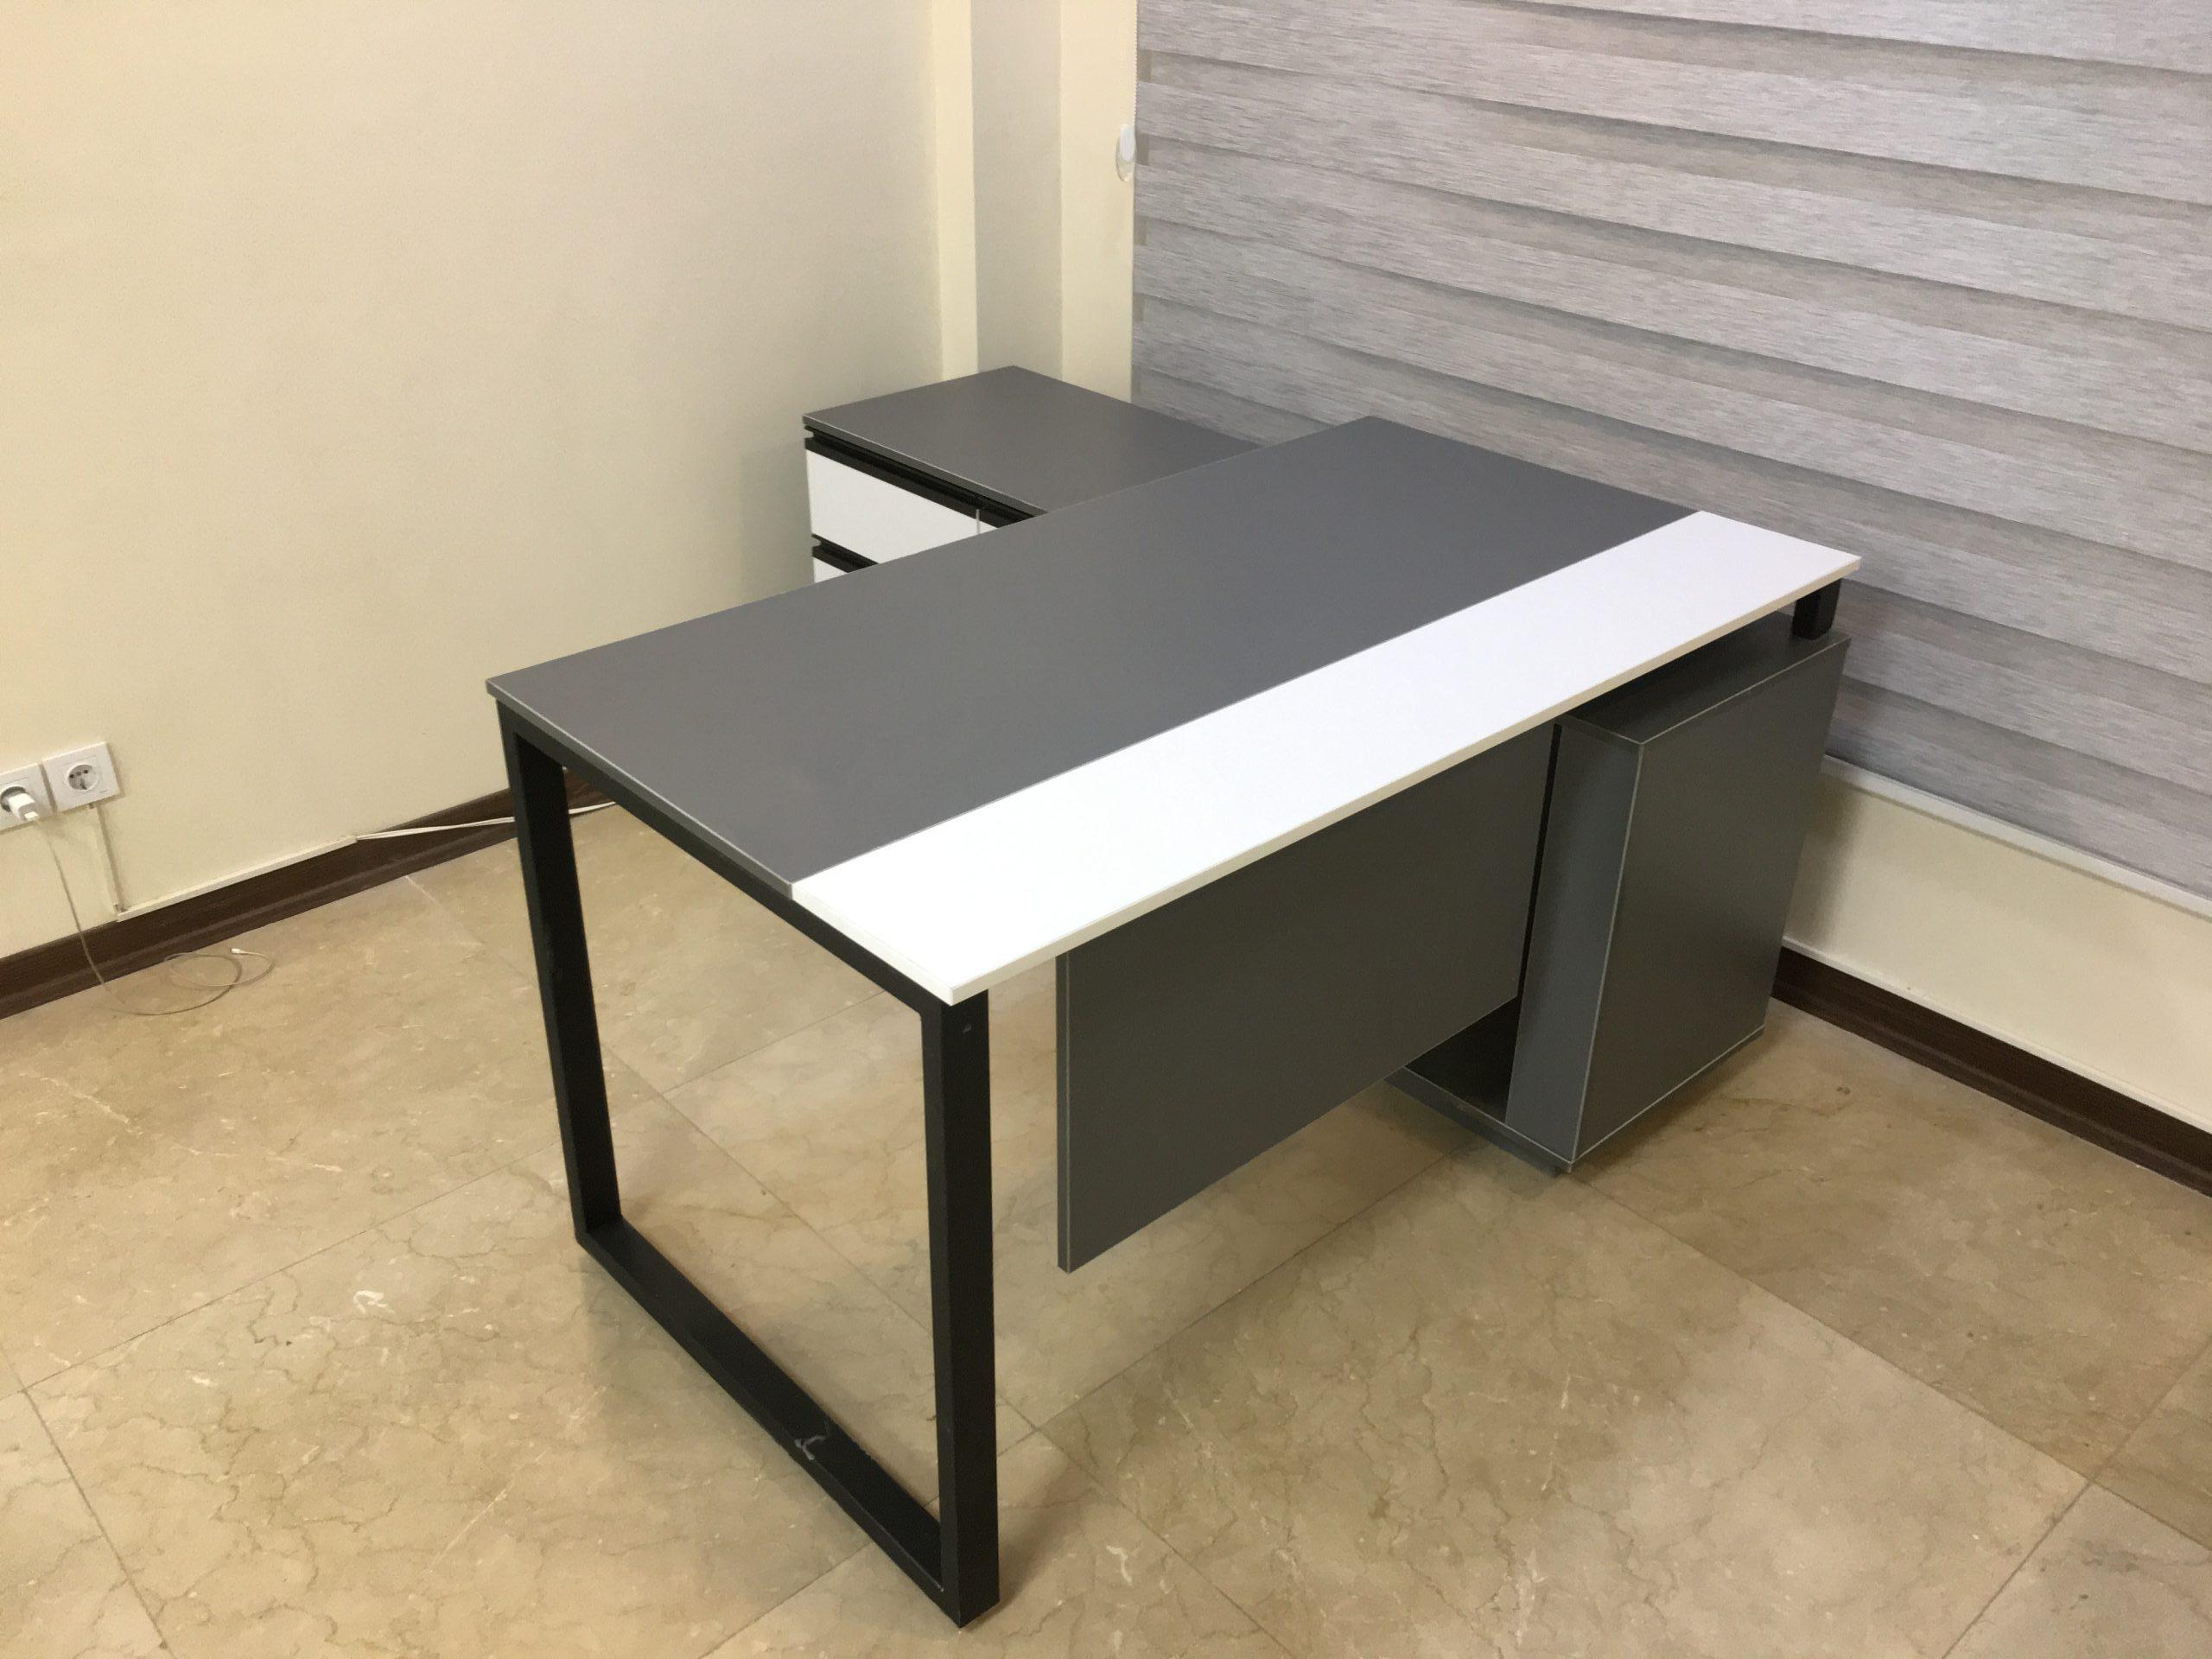 IMG 3934 scaled e1627804462300 - میز پایه فلزی